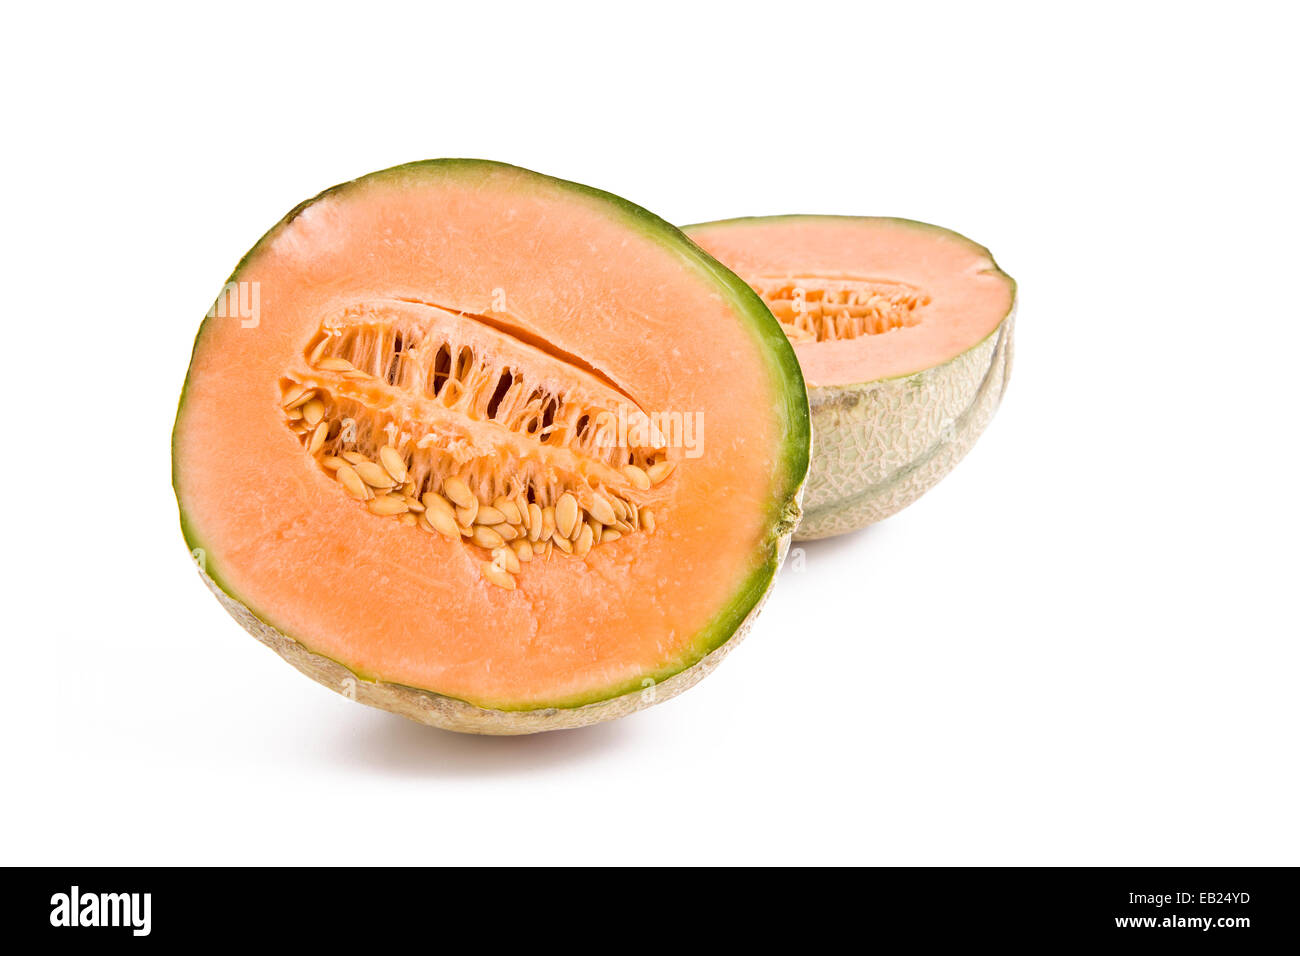 Melone freschi fette di melone isolati su sfondo bianco, frutta Immagini Stock